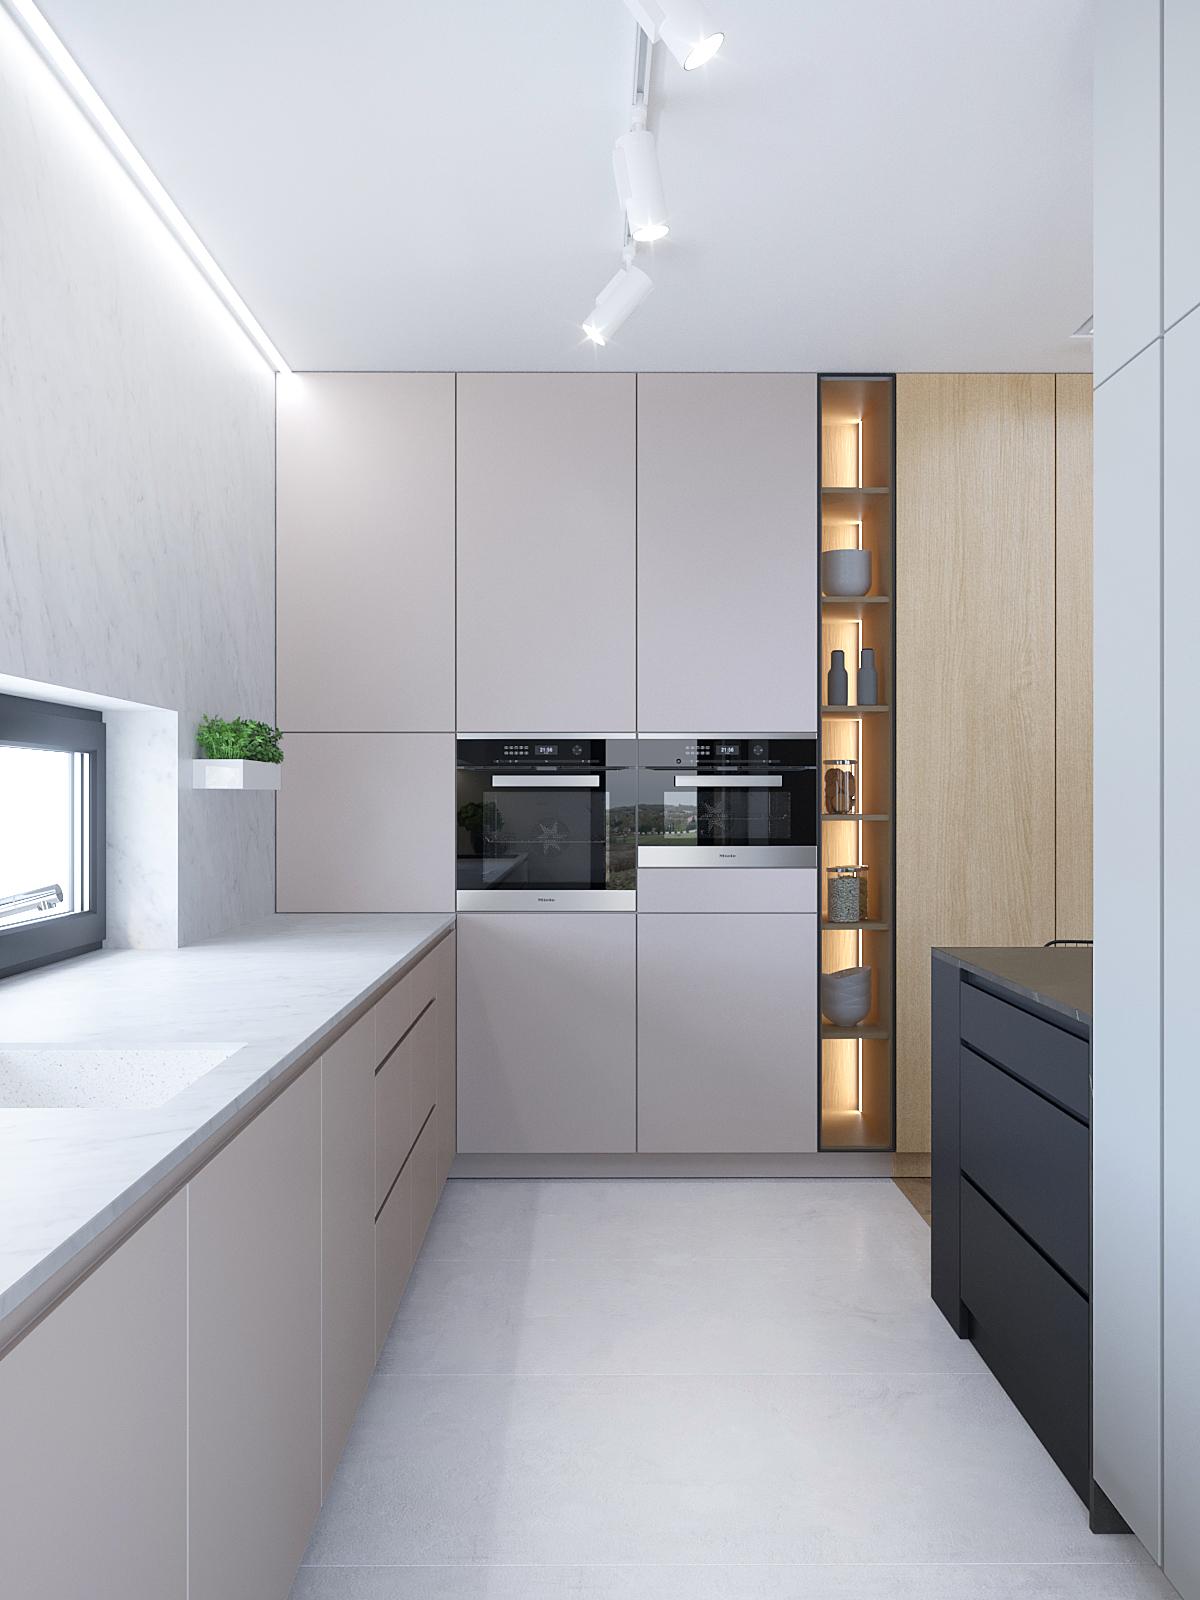 10 architekt wnetrz D428 dom Ruda Slaska kuchnia bezowe fronty podswietlone polki drewniane fronty